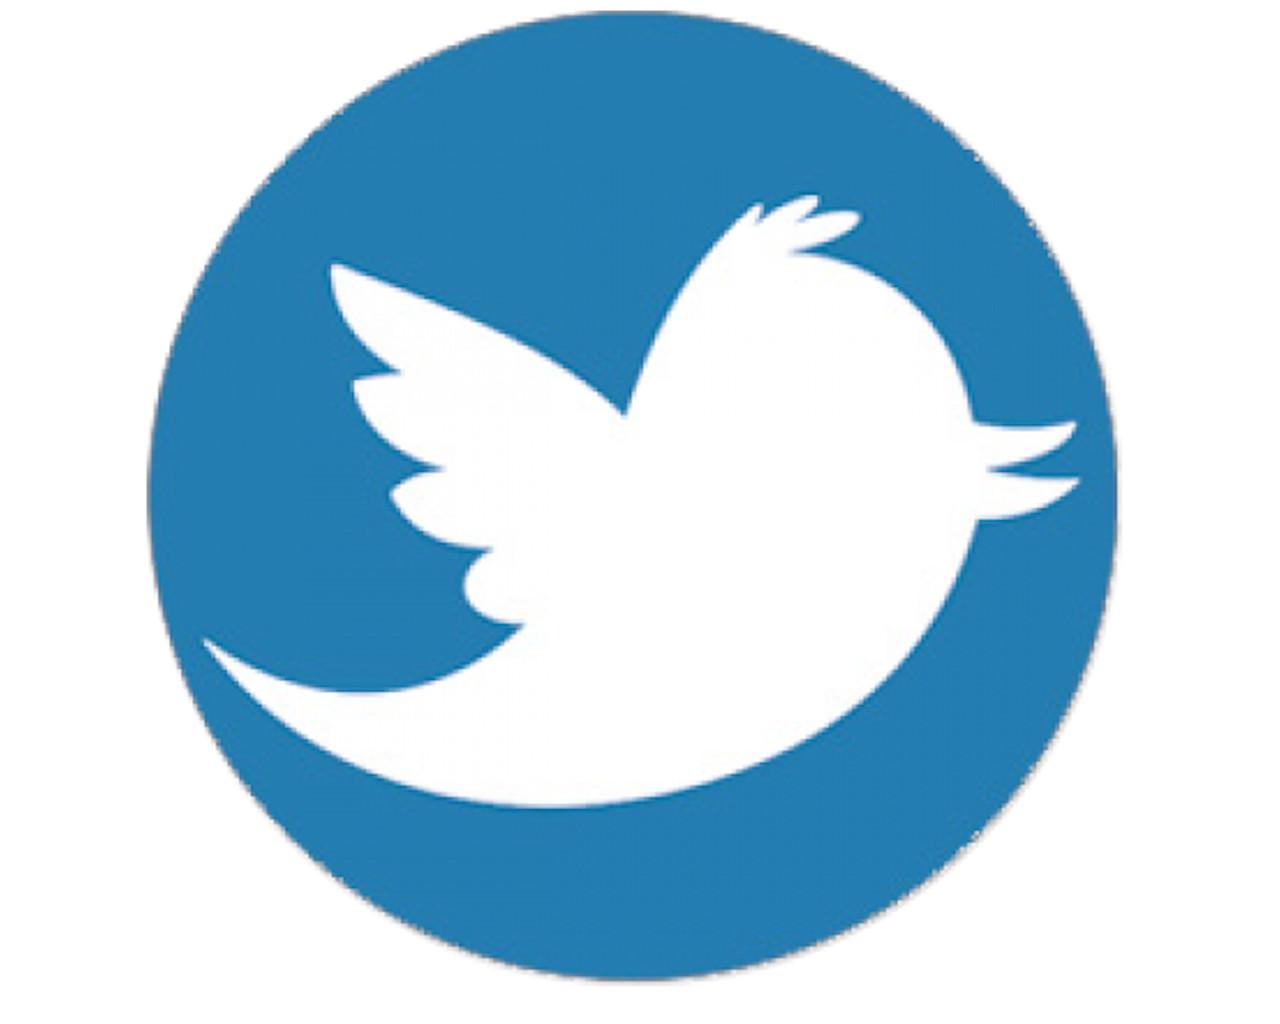 tweet,tweety λευκαντι,tweety,twitter,tweet,tweetdeck,tweety θηβα,tweeter αυτοκινητου,tweeter,twitter trends,tweeter αυτοκινητου,twitter gntm,twitter big brother,tweeter speaker